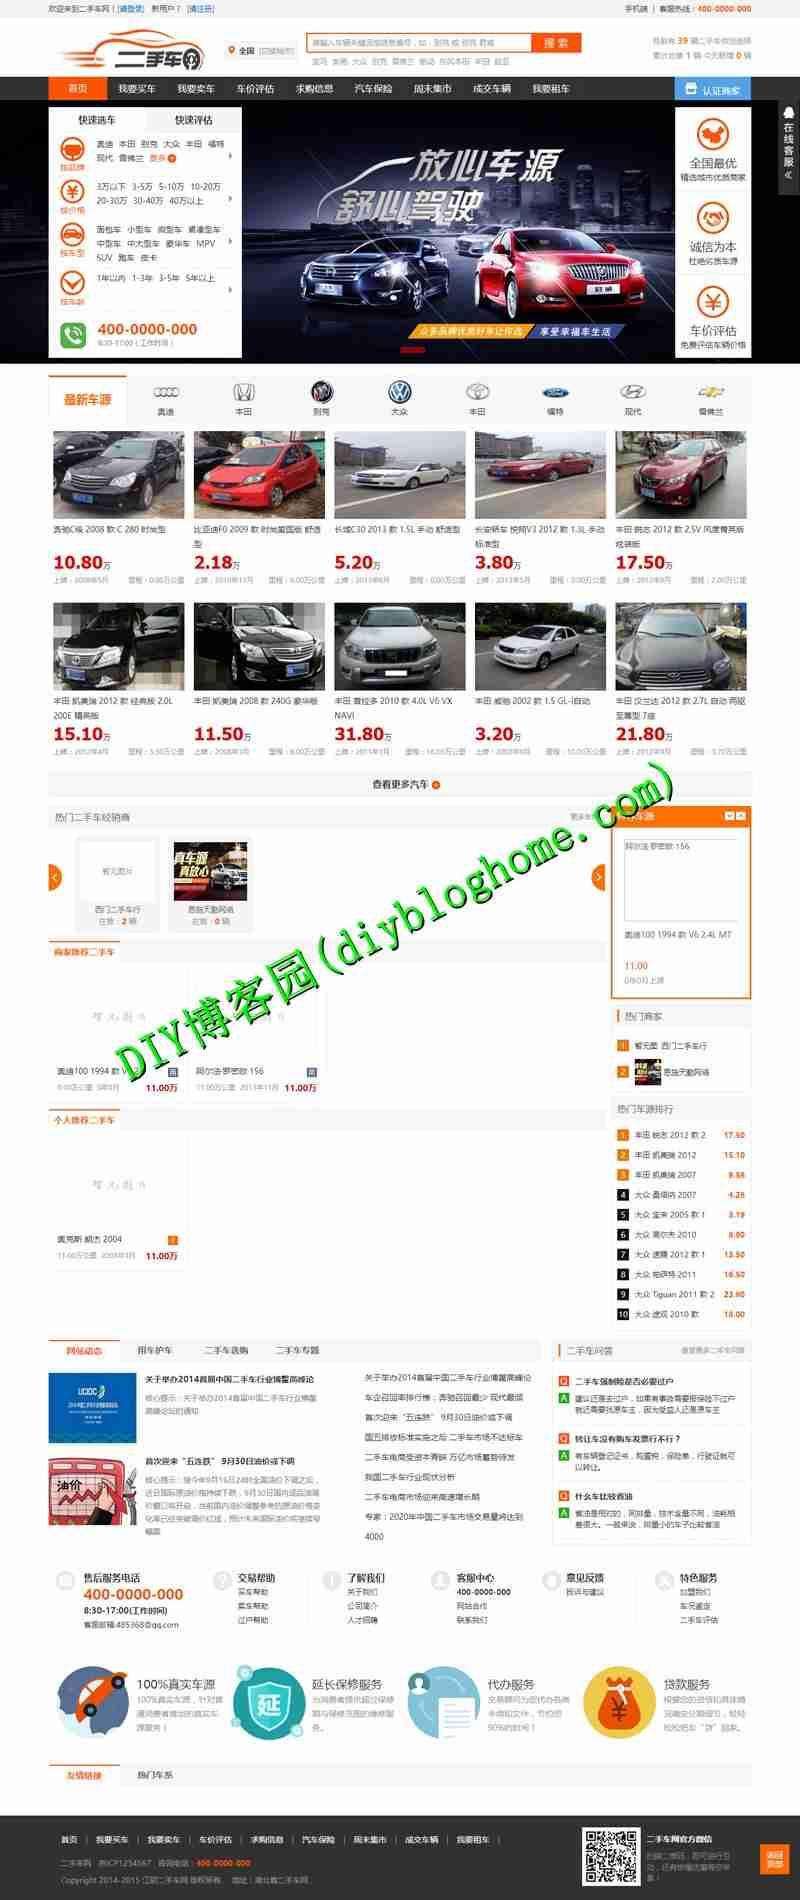 simcms仿273二手车网站源码 带租车功能+WAP手机端 二手车交易源码